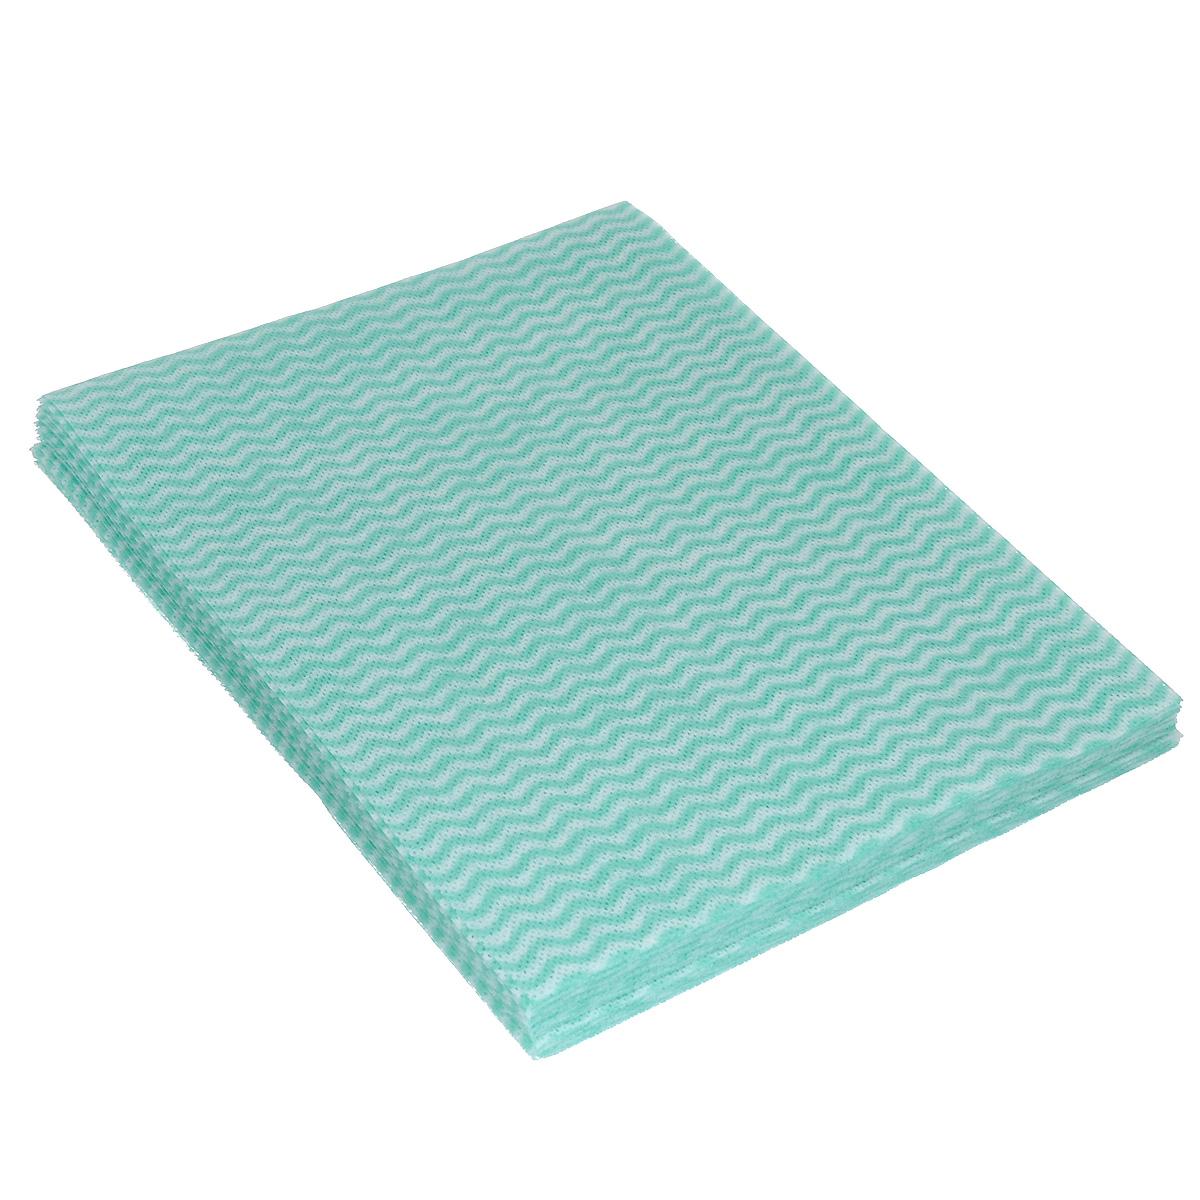 Салфетка-чудомойка Aqualine, с перфорацией, цвет: бирюзовый, 37 х 51 см, 10 шт3110 бирюзовыйСалфетка-чудомойка Aqualine выполнена из тонкого, но прочного перфорированногоматериала. Она обладает высокой очистительной способностью. Отлично собирает грязь и влагу,моет, не оставляя следов и ворсинок, хорошо выжимается. Салфетка имеет долгий срок службы.Салфетка легко стирается при температуре 40°С. Размер салфетки: 37 см х 51 см. Комплектация: 10 шт.